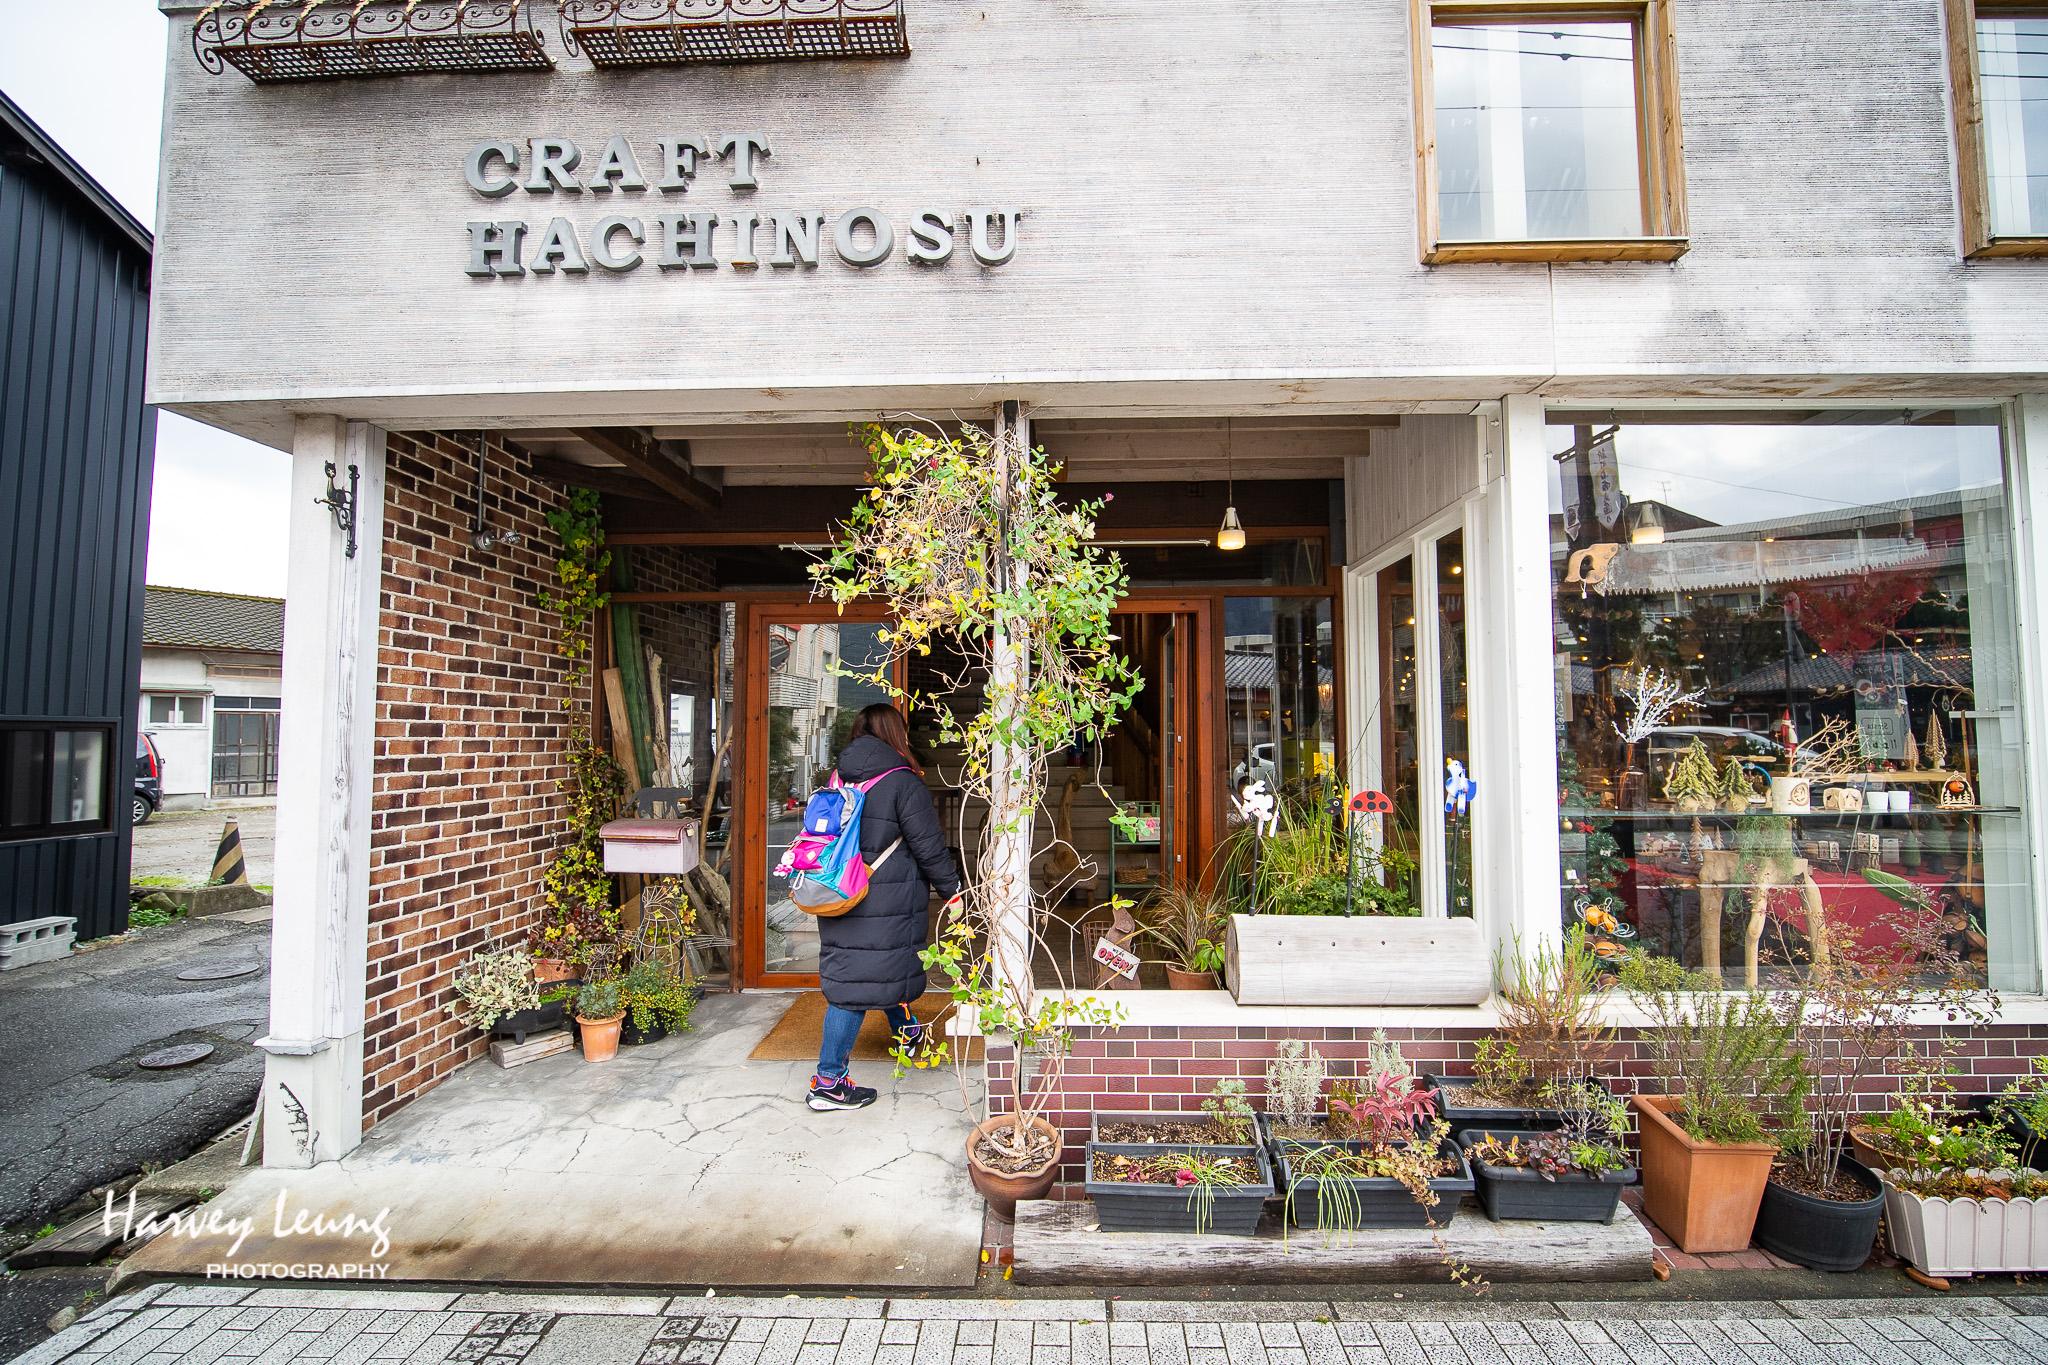 クラフト館 Craft Hachinosu